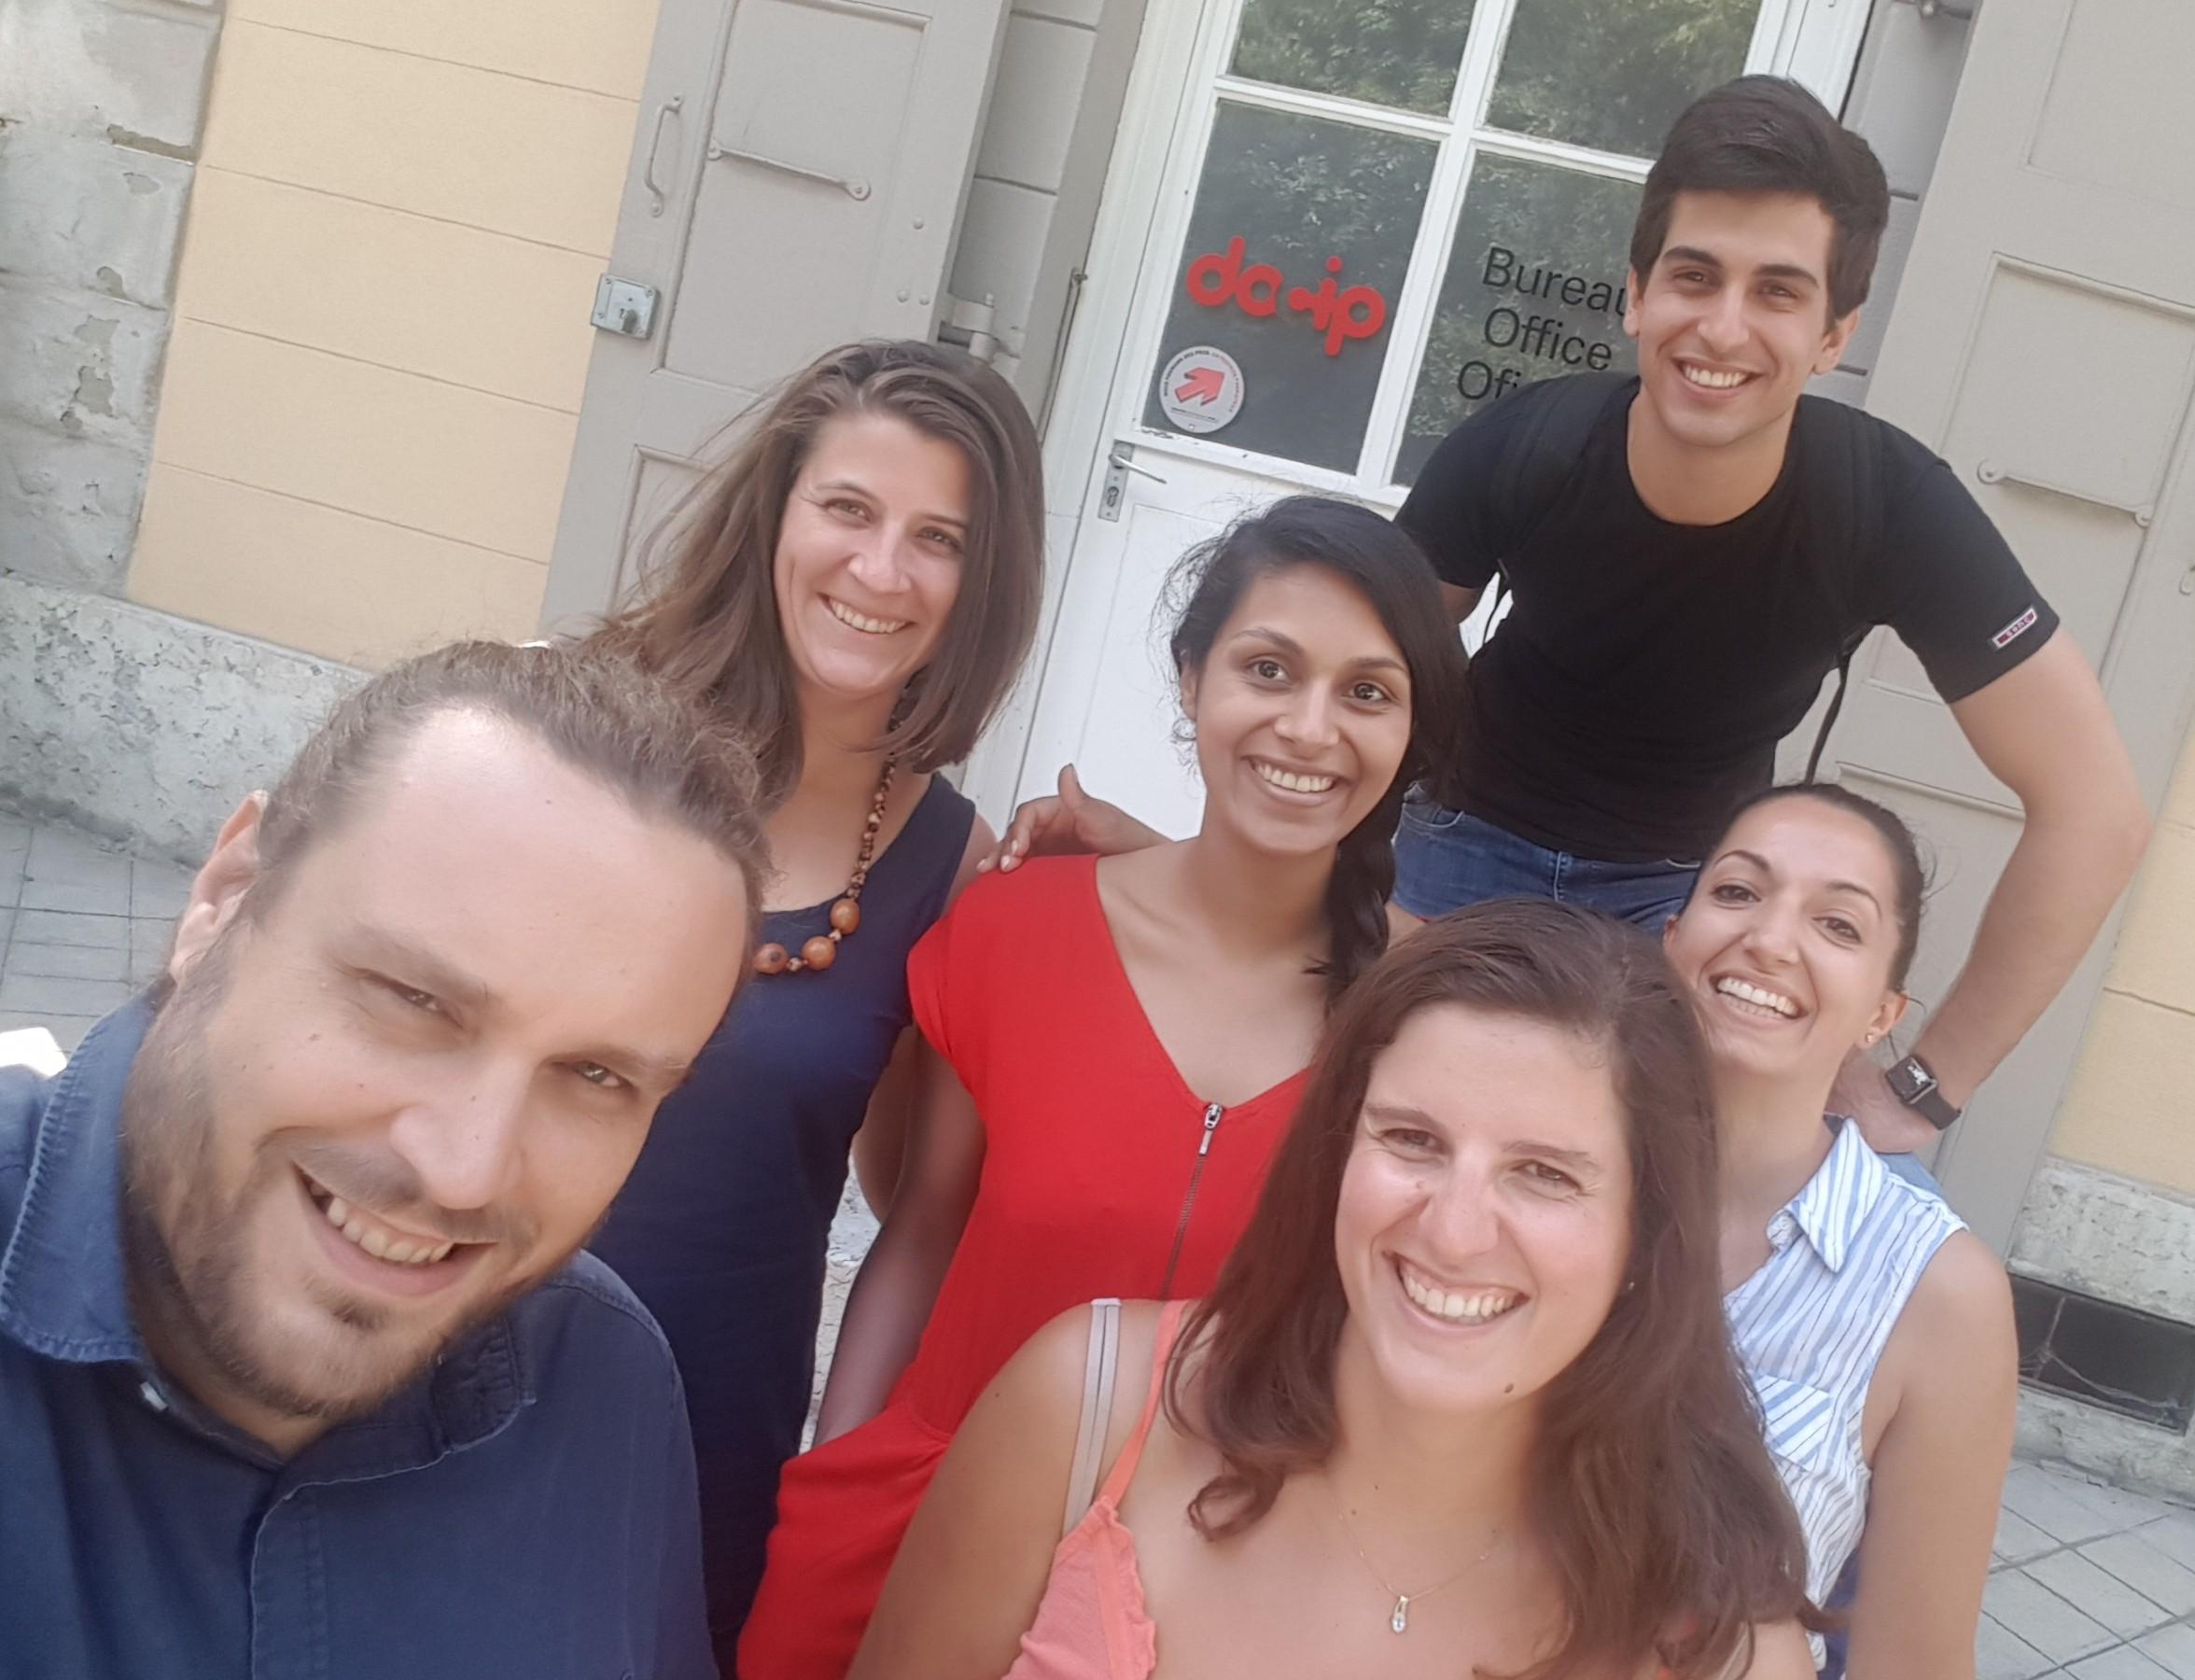 Реми (слева) с частью нашей команды: Карен, Присцилла, Клэр, Кристиан и Иоанна